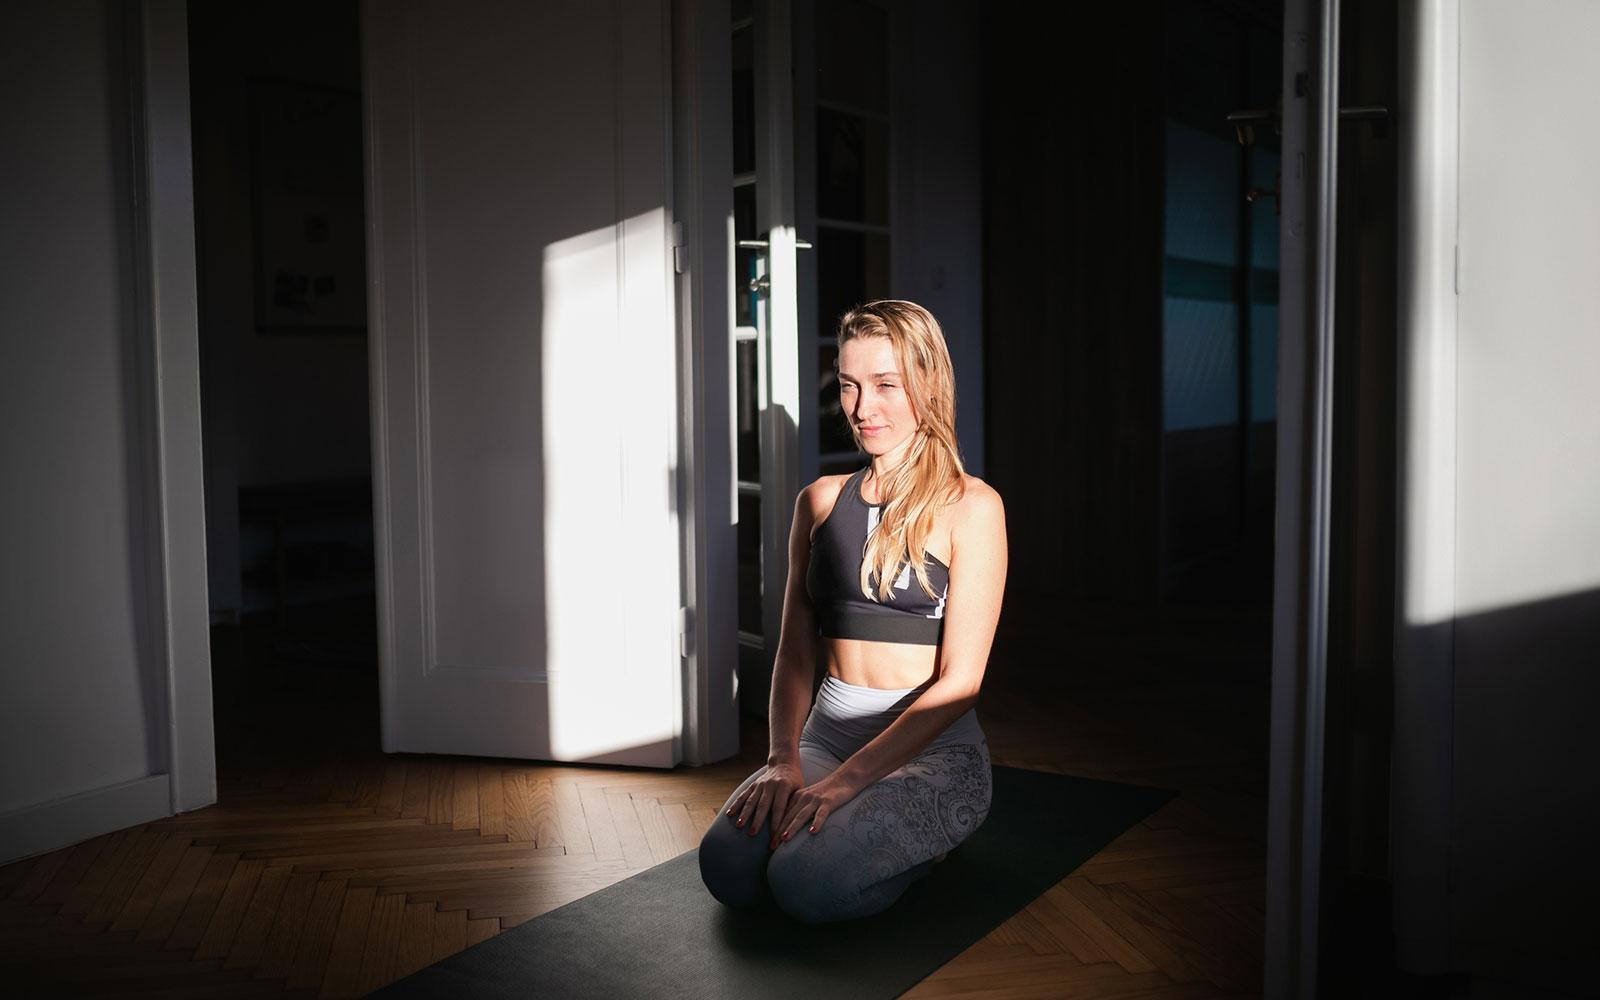 cattiva-digestione?-5-posizioni-yoga-per-digerire-meglio